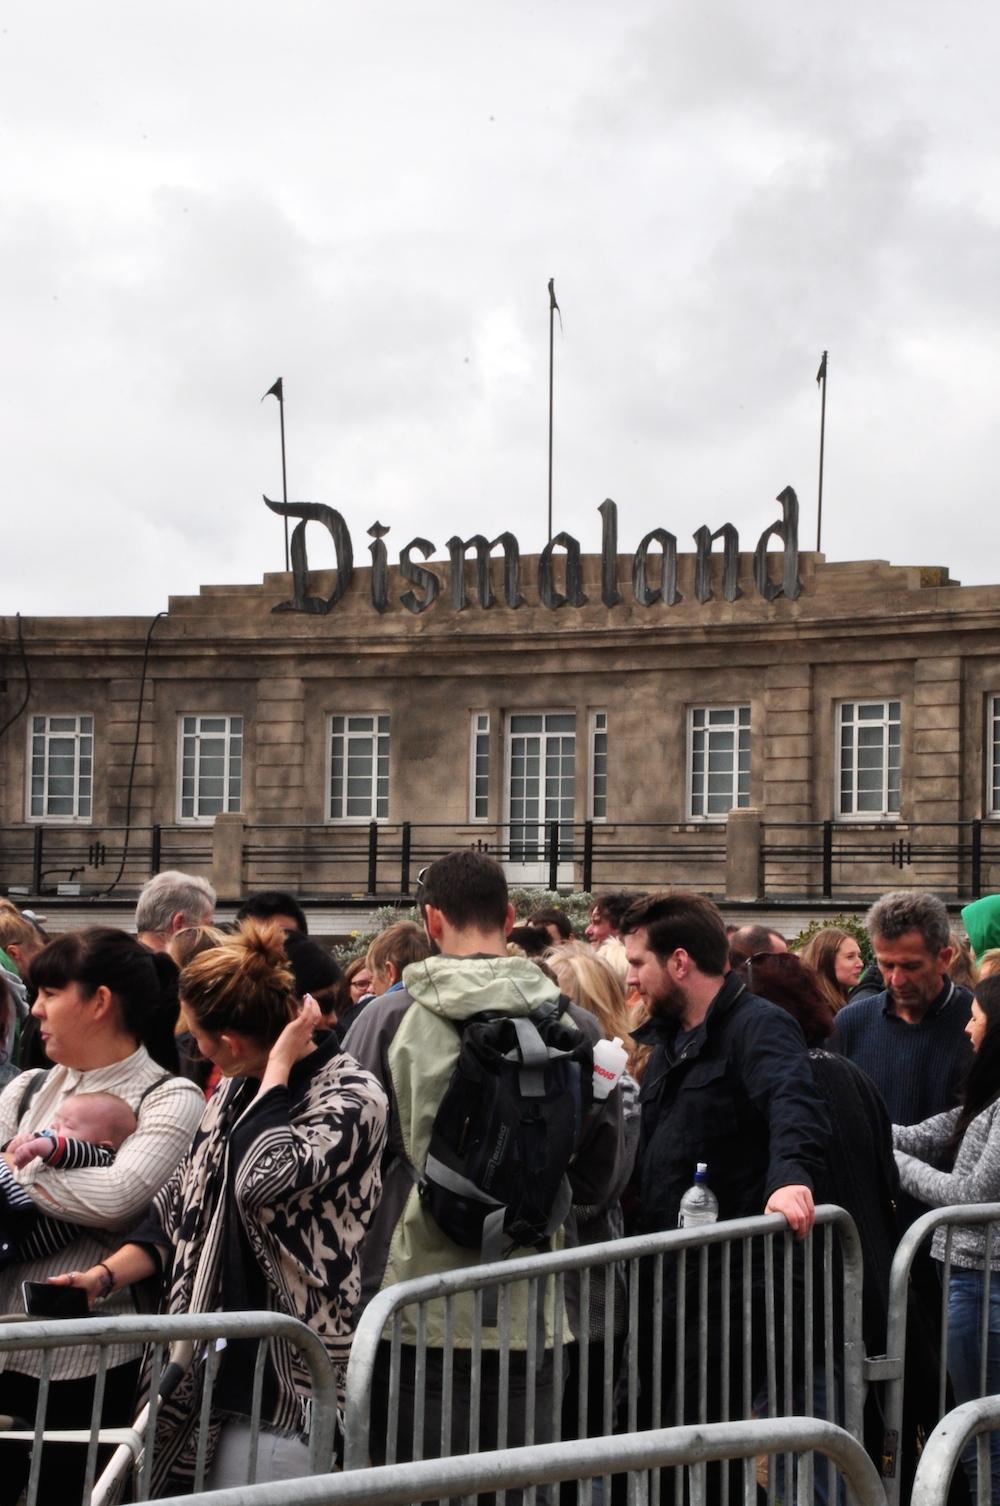 banlsy_dismaland_queues